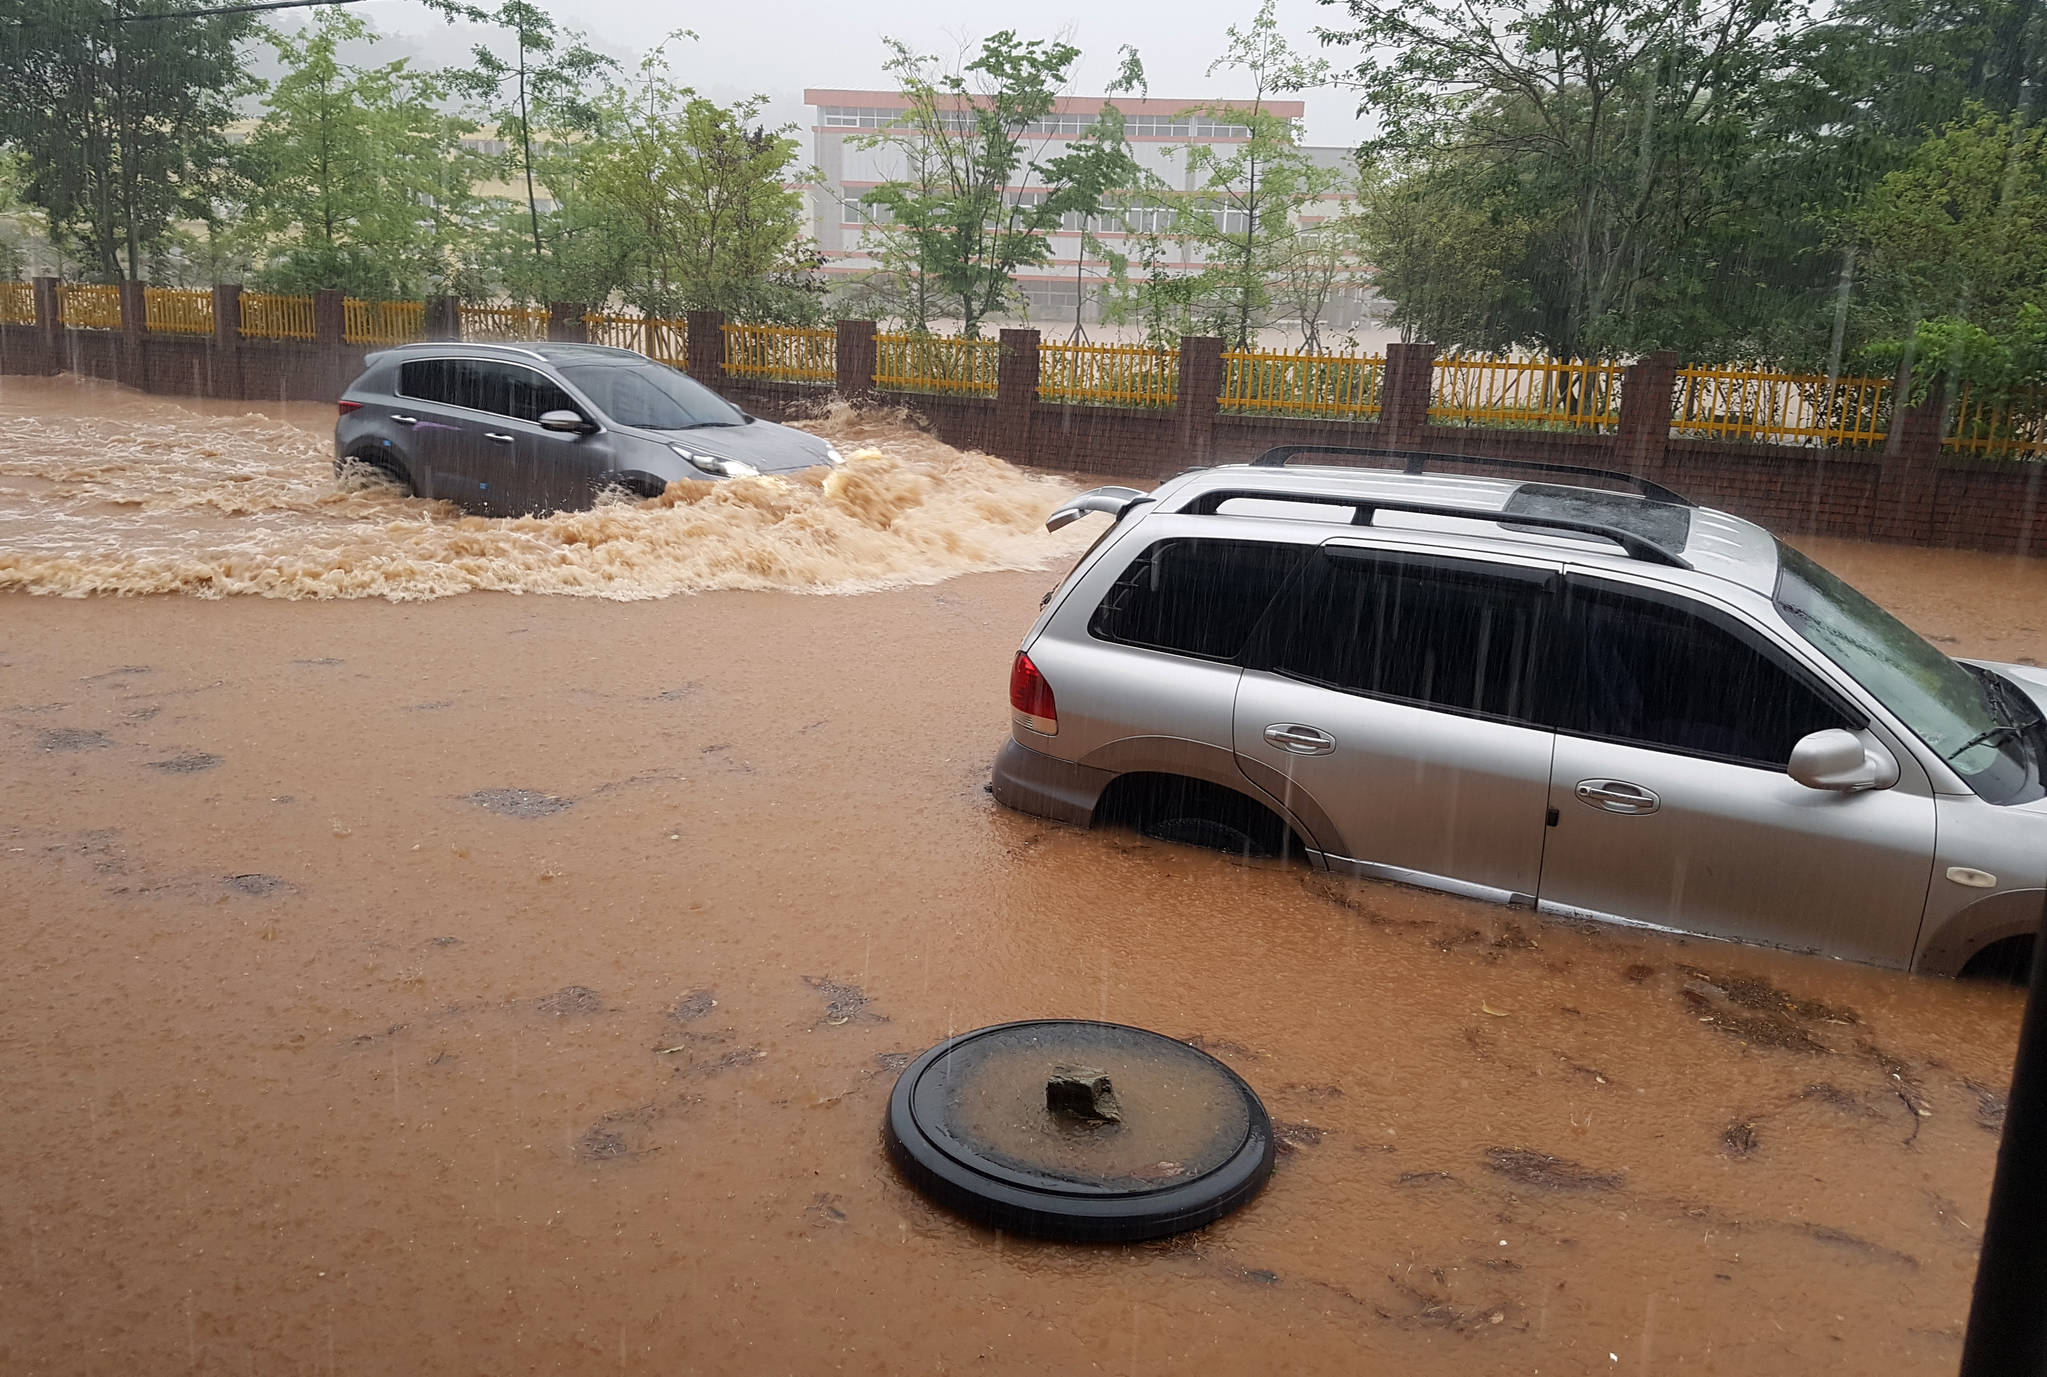 장마전선의 영향으로 남부지방에 많은 비가 내린 지난해 7월 1일 전남 보성군 보성읍의 한 도로가 침수돼 차량들이 거북이 운행을 하고 있다. 장마철 폭우 피해 예방을 위해 예측 능력 향상이 필요하다. [독자 제공=연합뉴스]